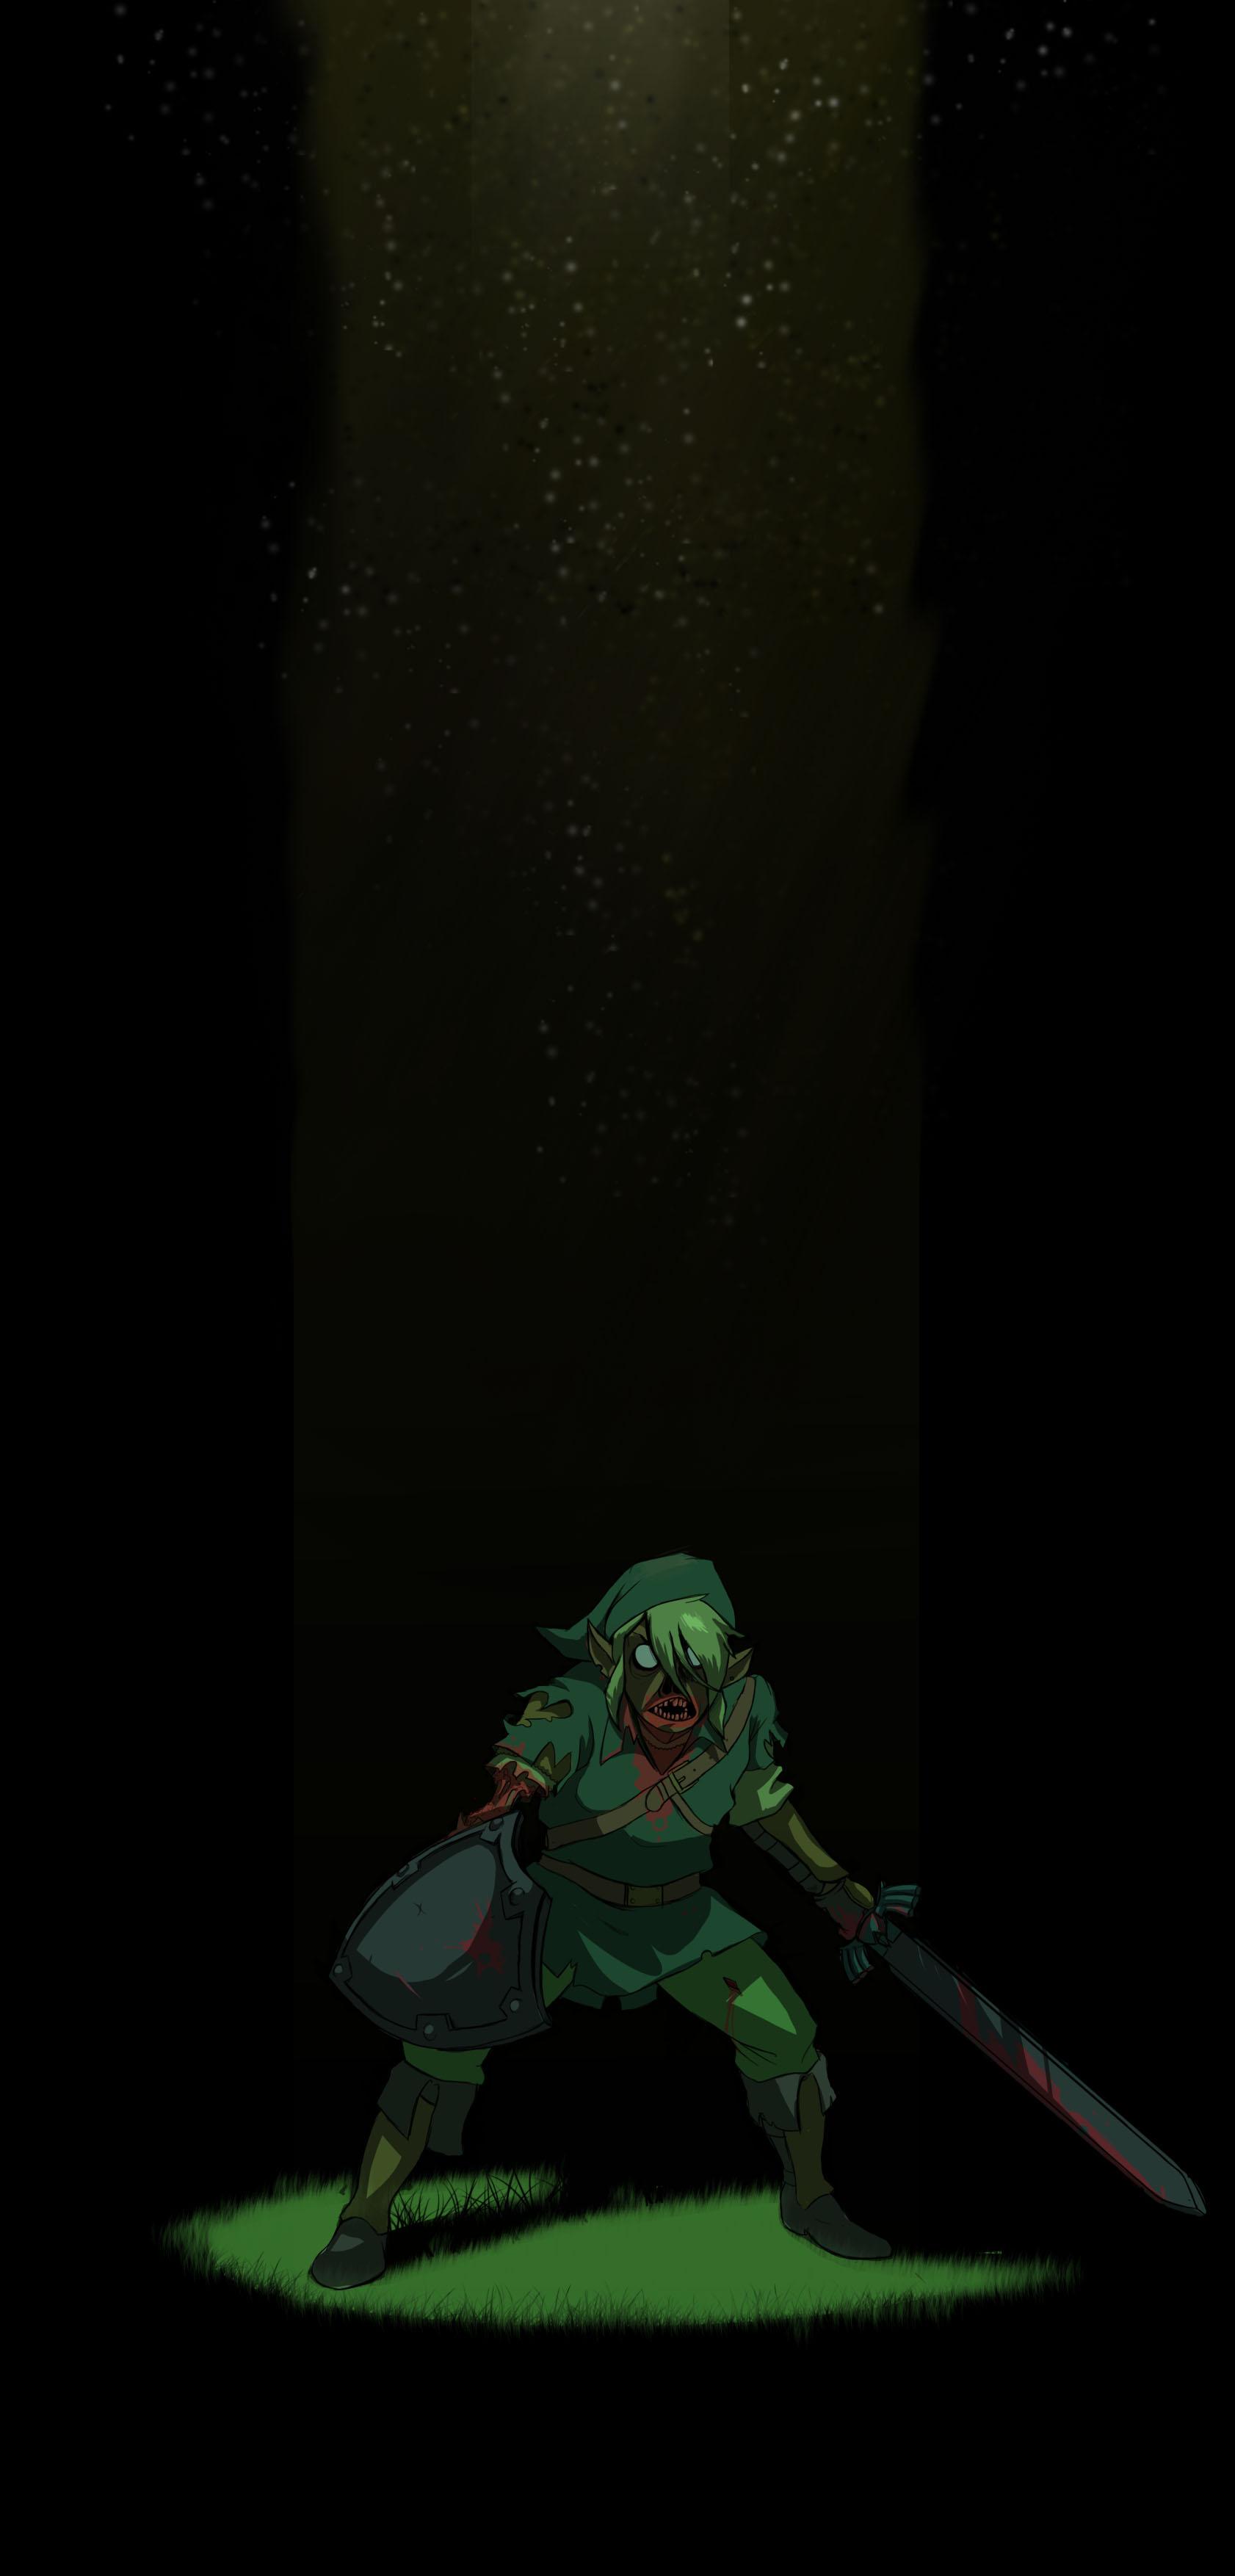 zombie link 2